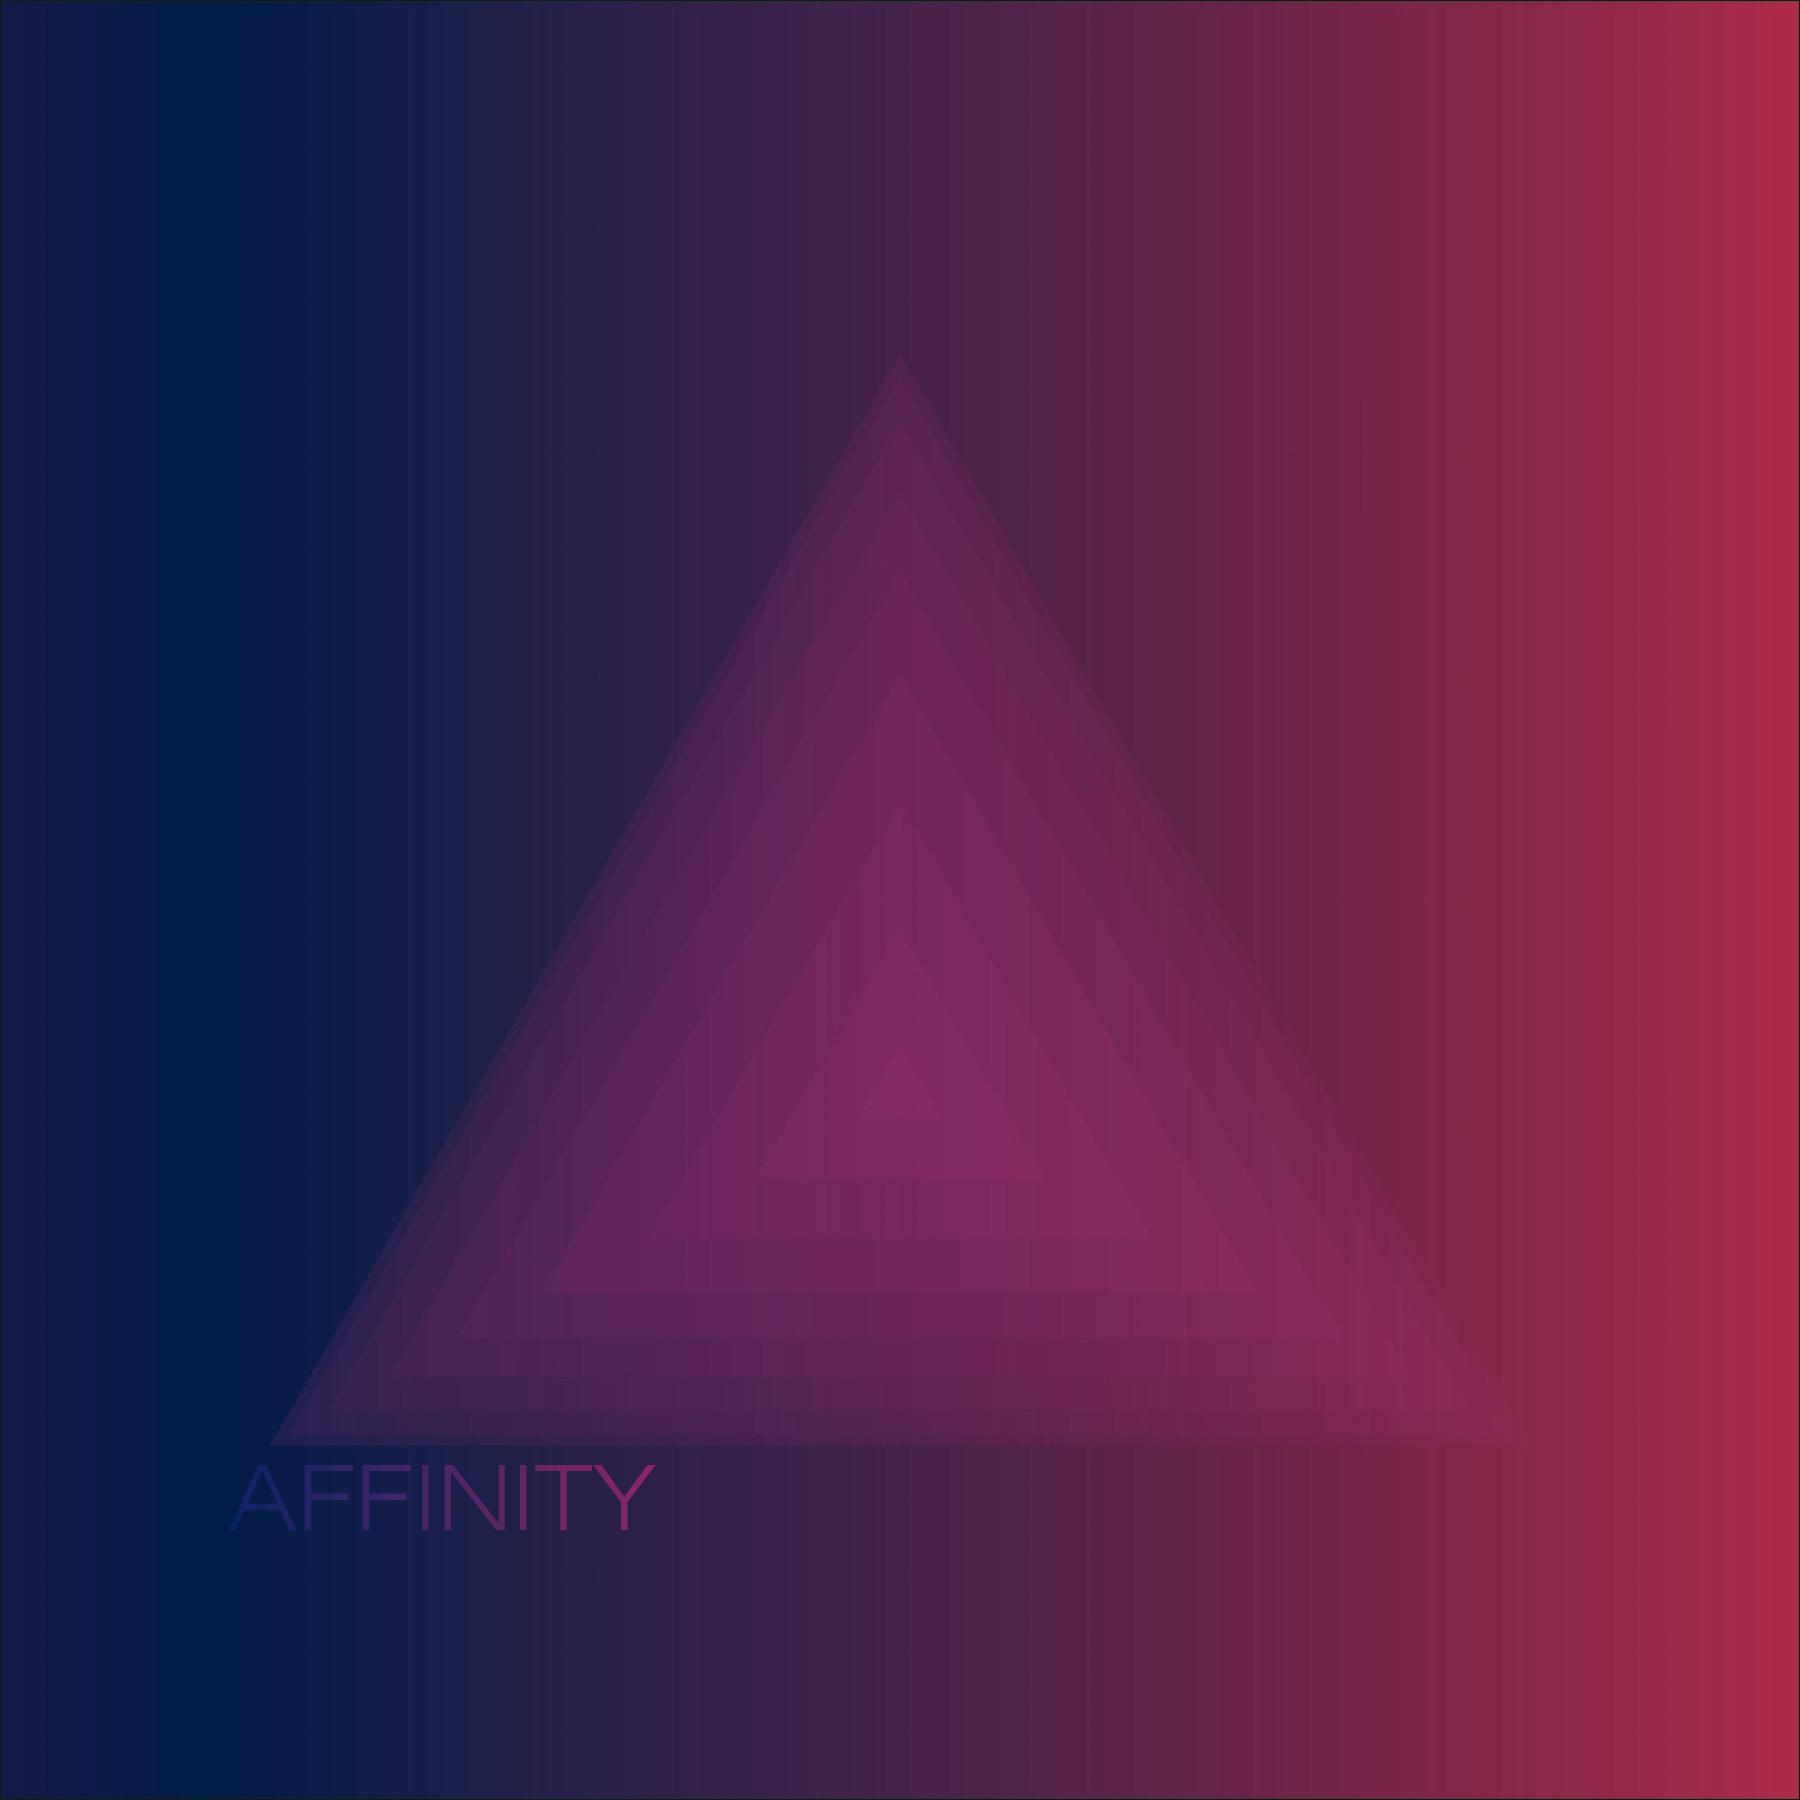 affinity album.jpg